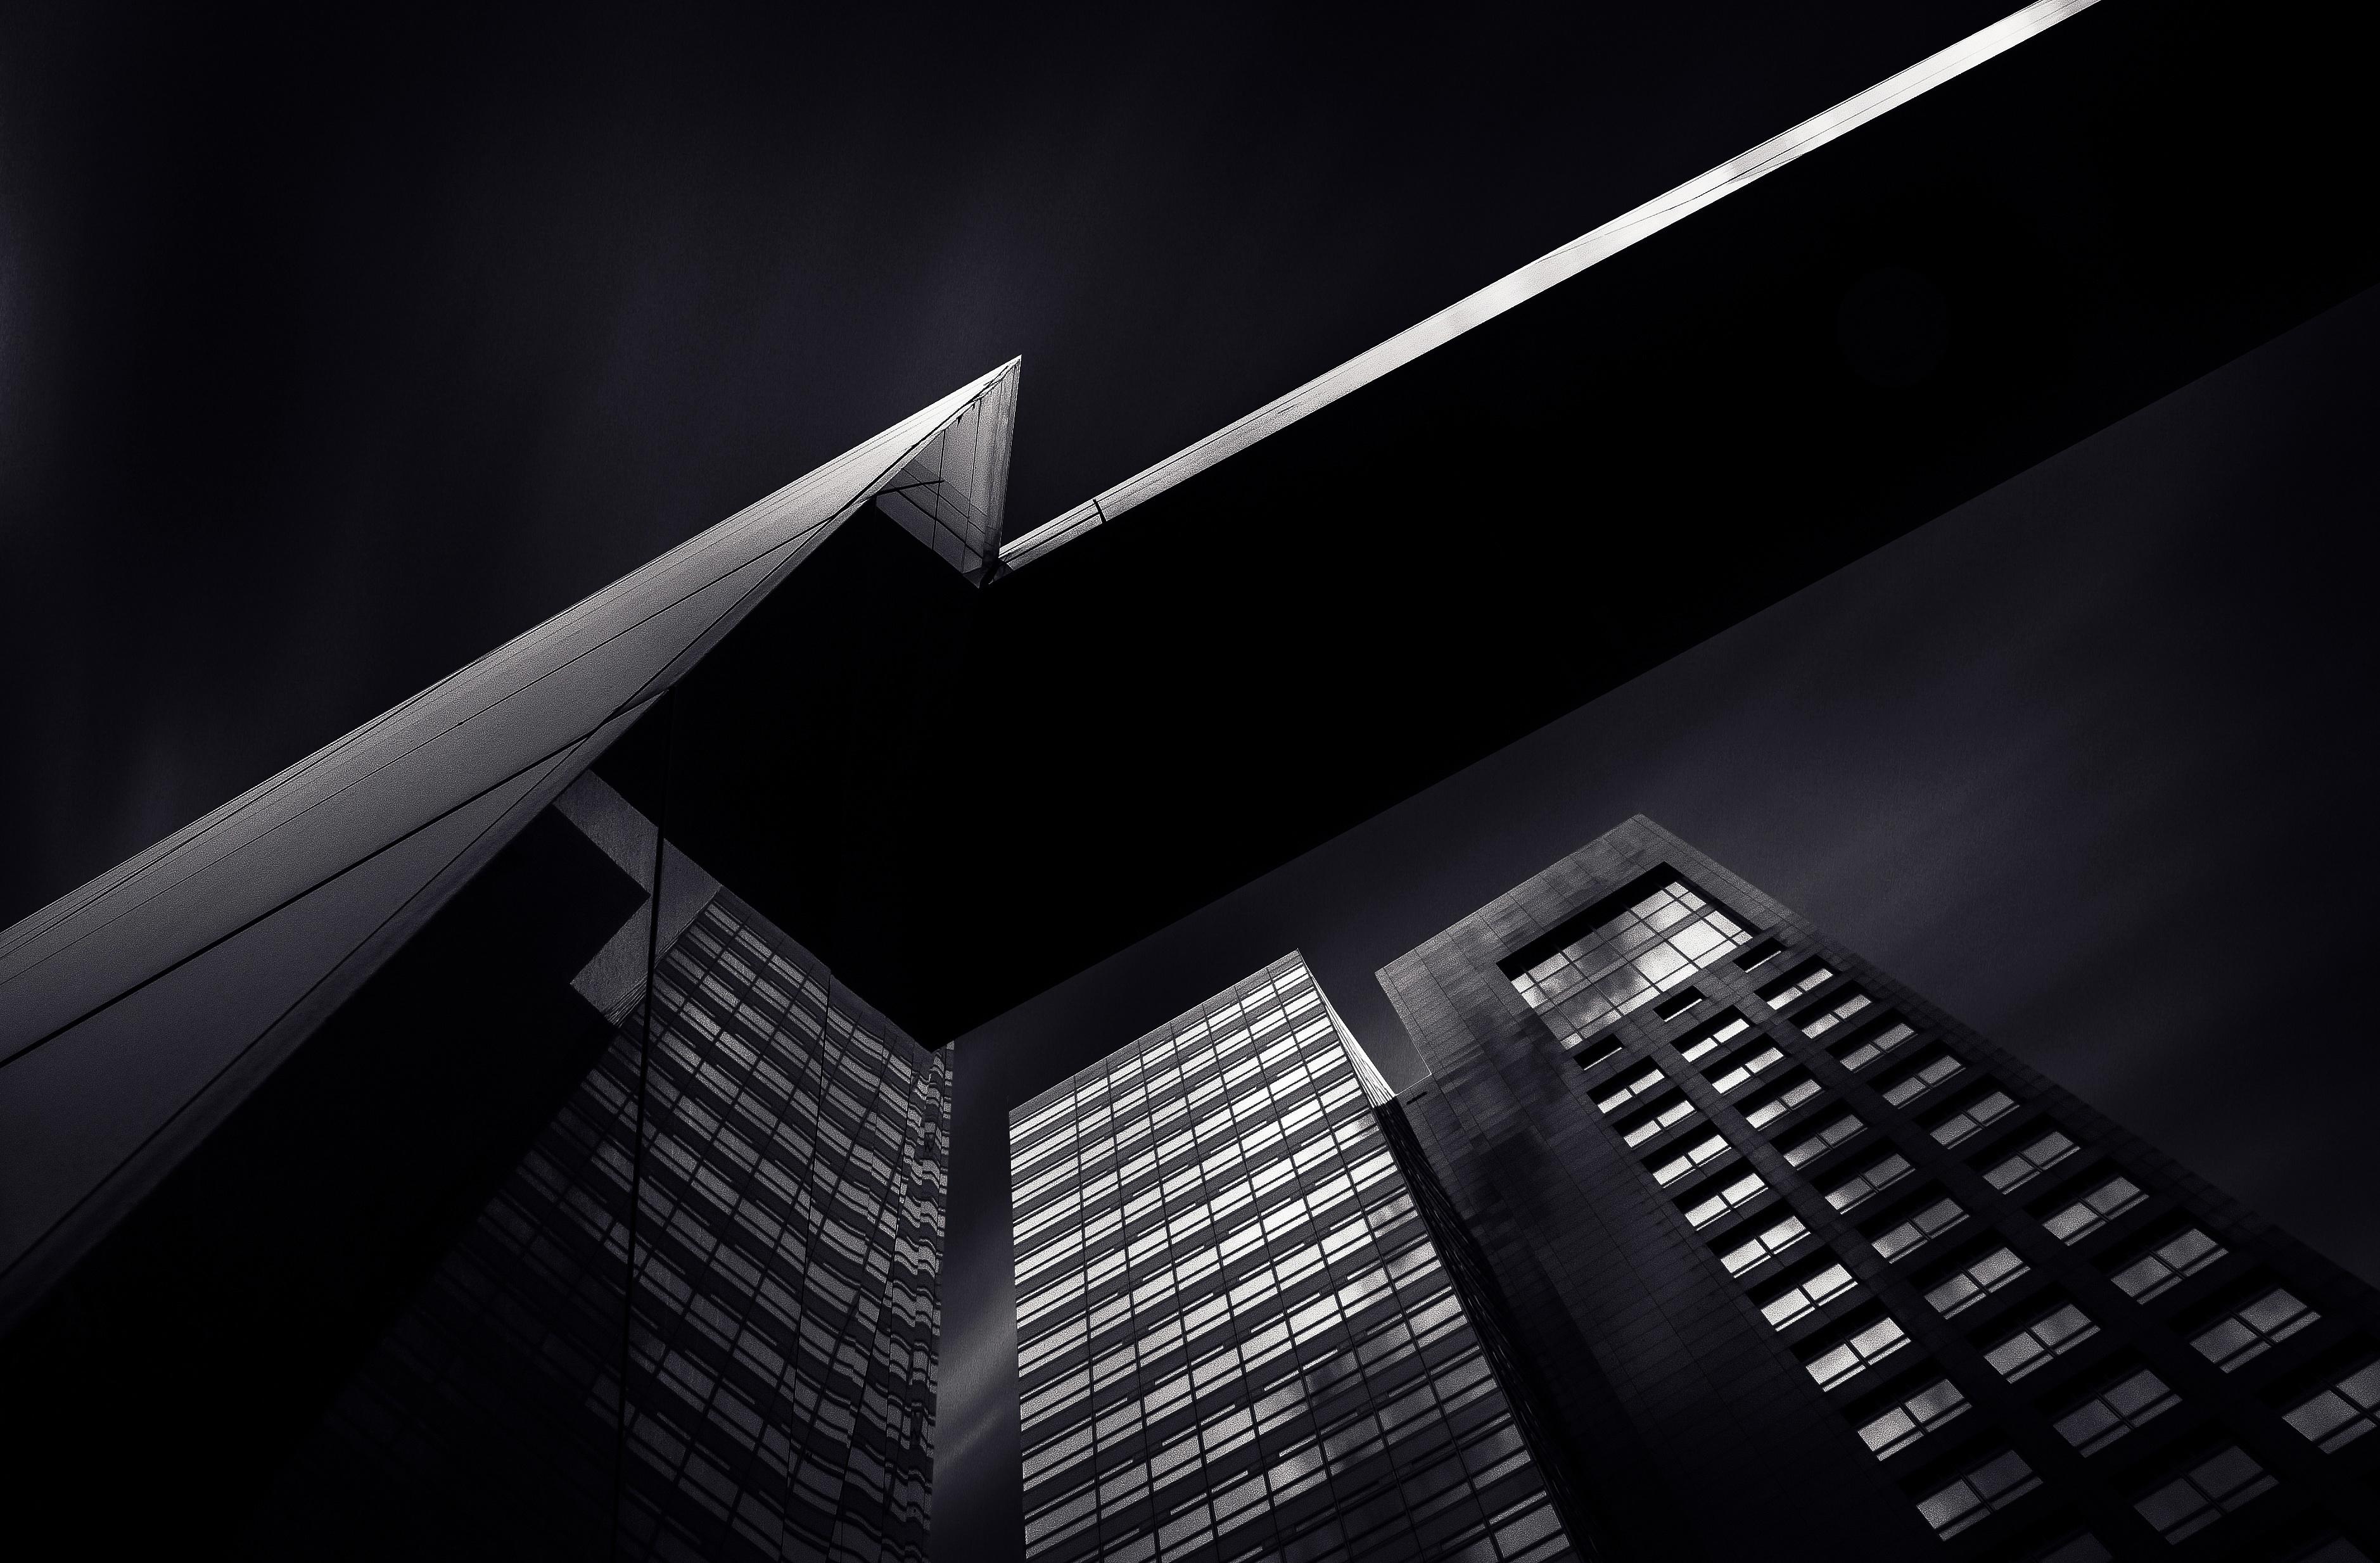 Dark Skyscrapers, Architecture, Building, City, Dark, HQ Photo